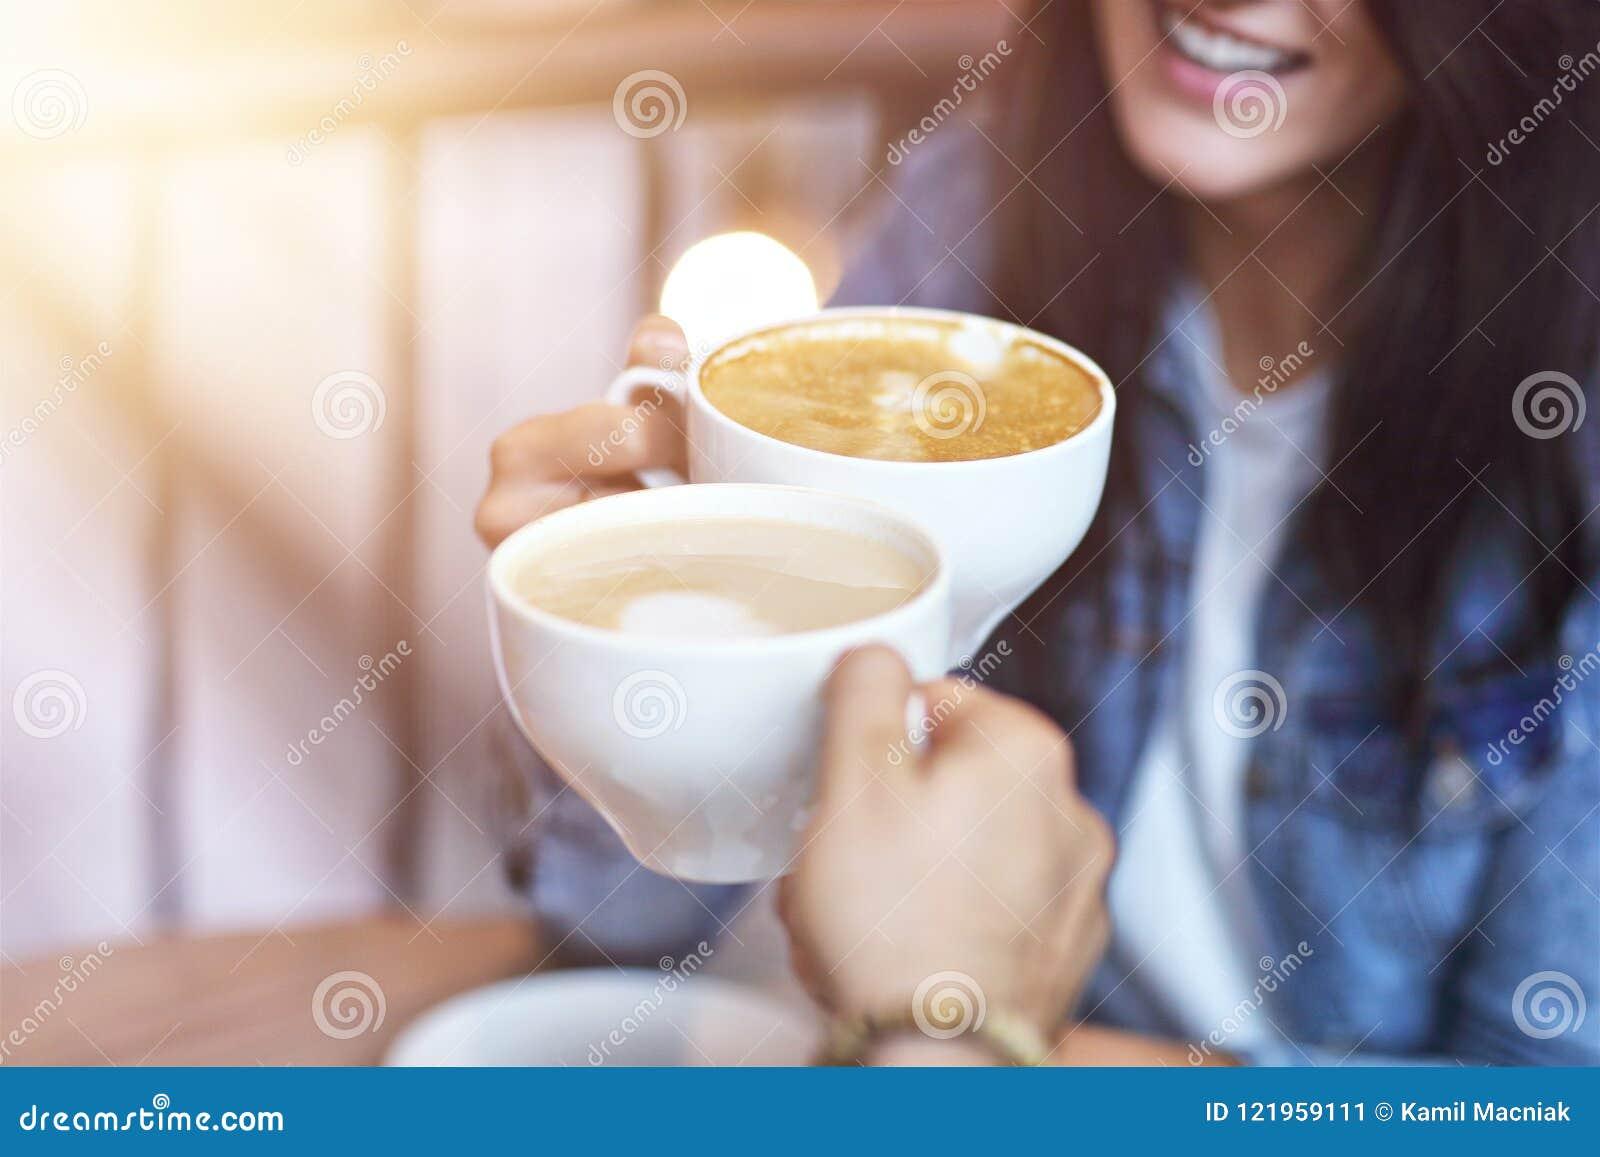 Romantische Paardatierung im Café